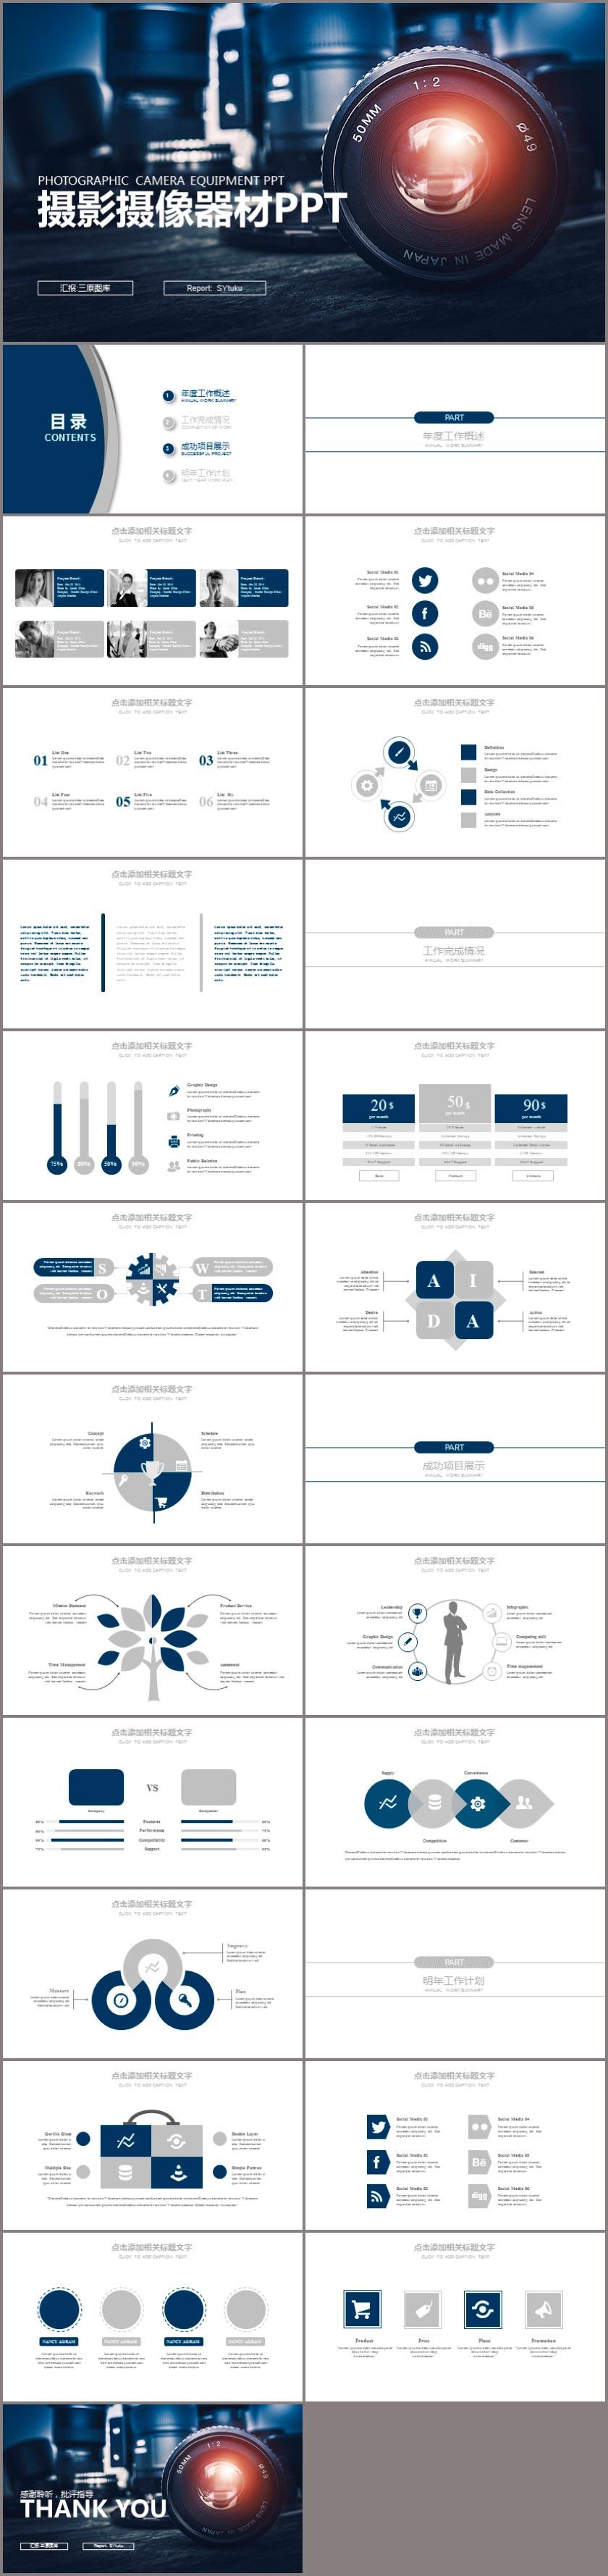 摄影摄像器材介绍PPT模板